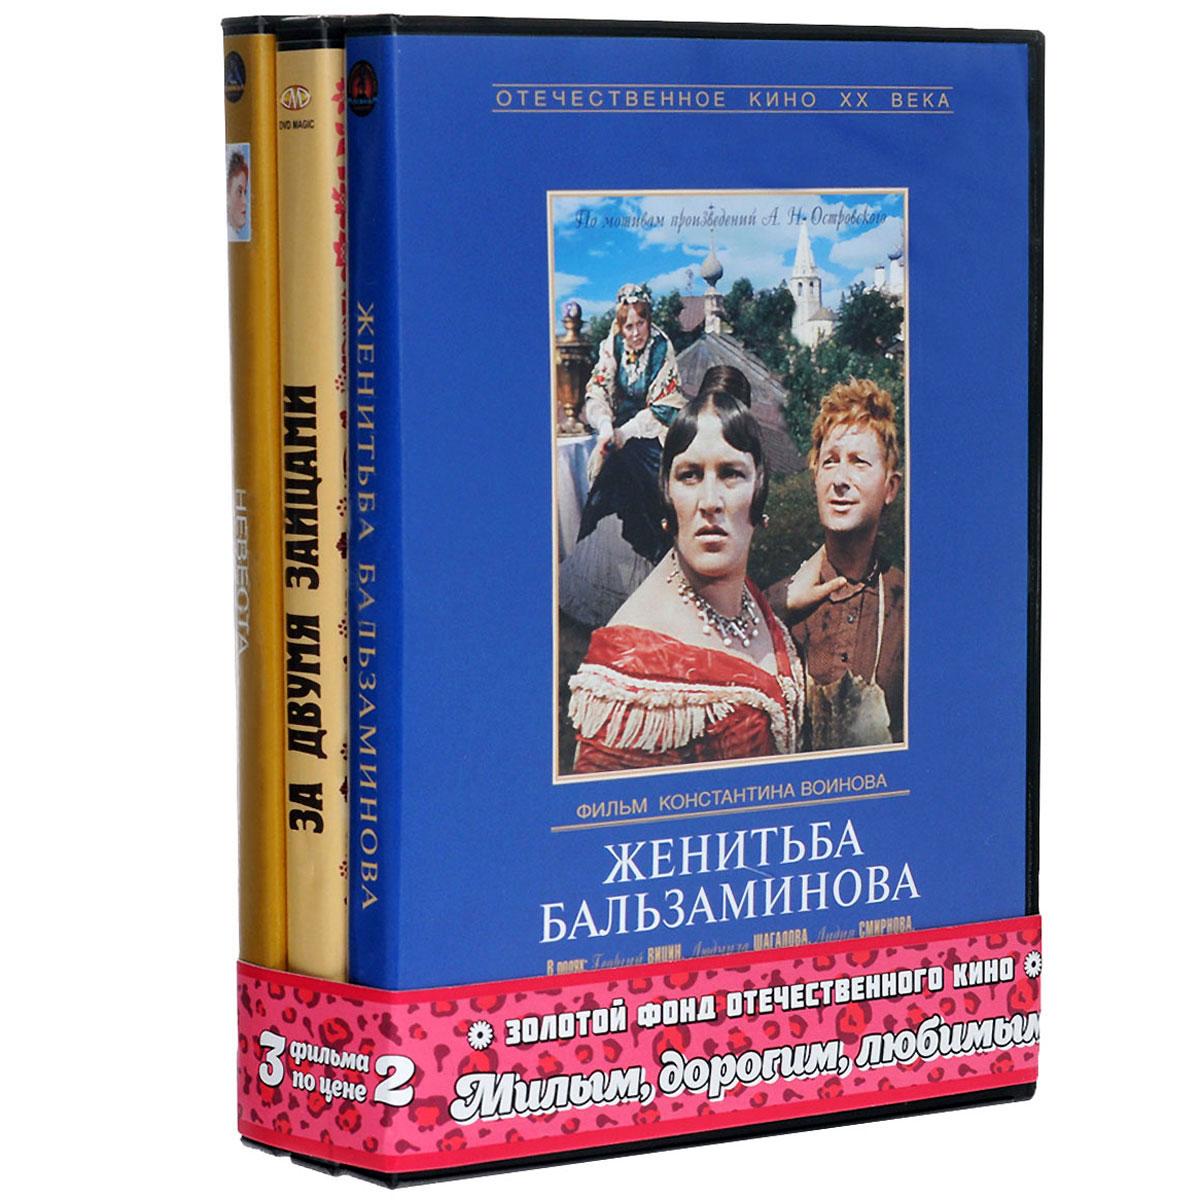 цена Милым, дорогим, любимым: Женитьба Бальзаминова / За двумя зайцами / Невеста (3 DVD) онлайн в 2017 году